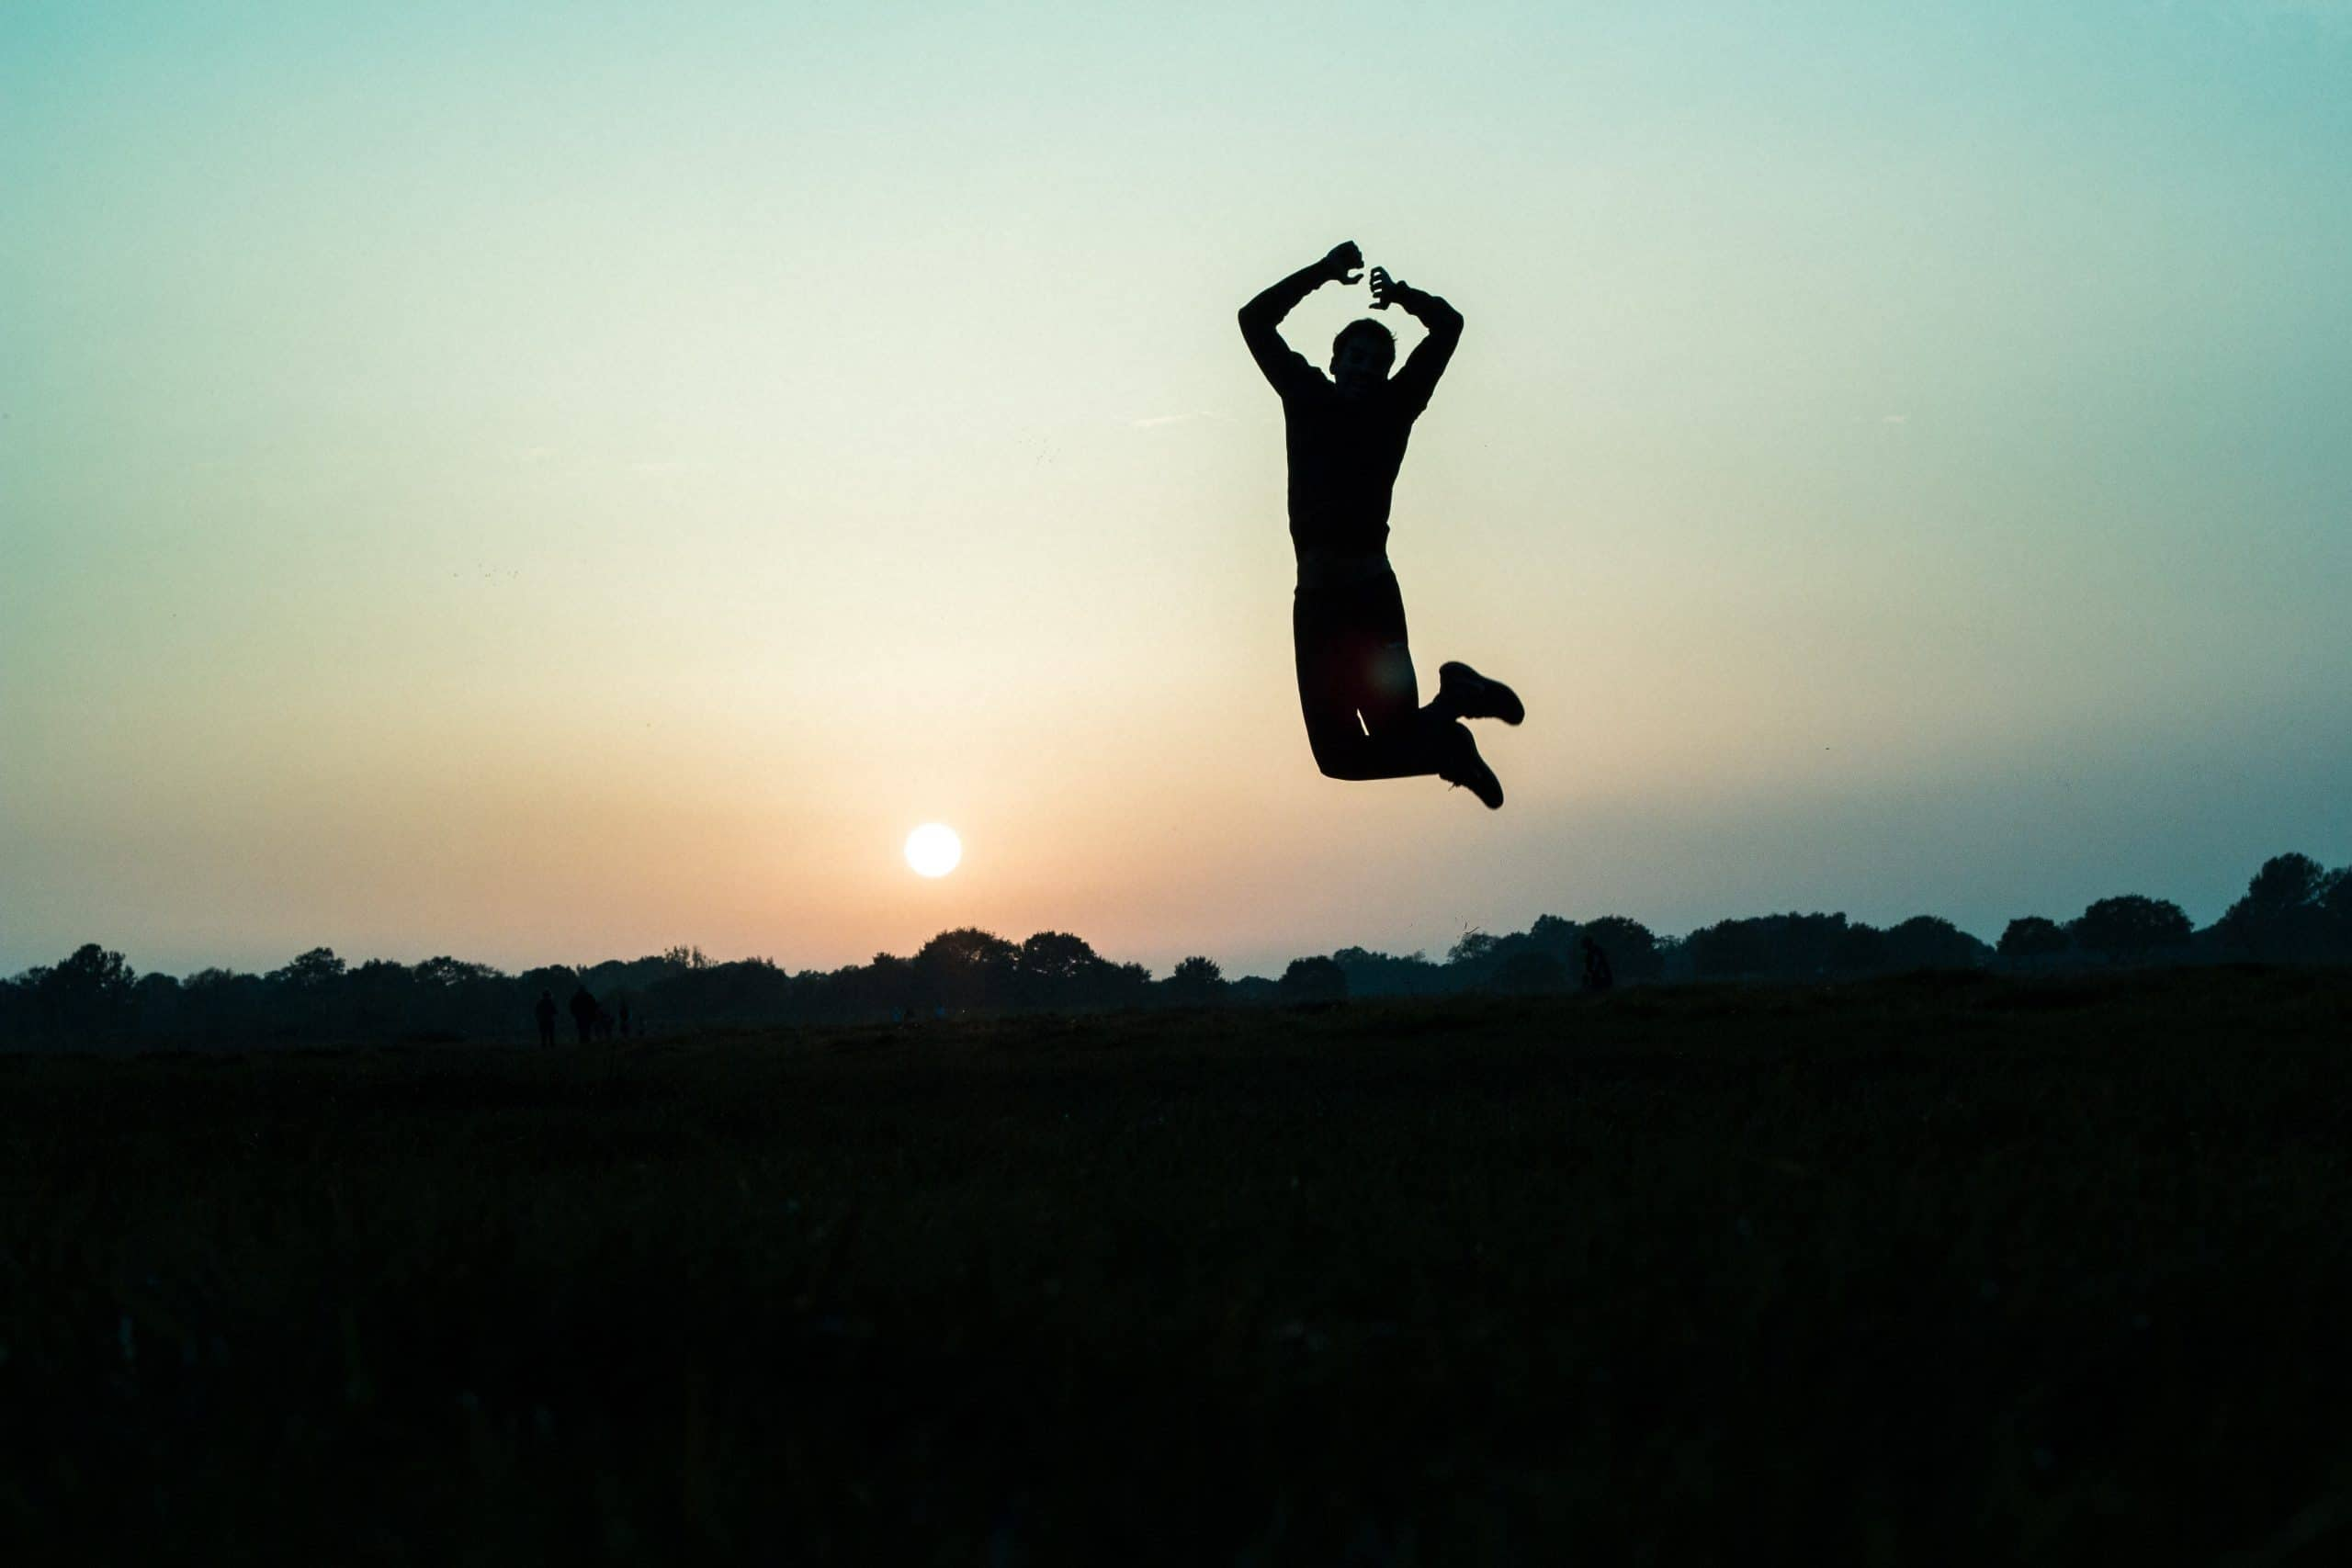 persona salta perchè è felice